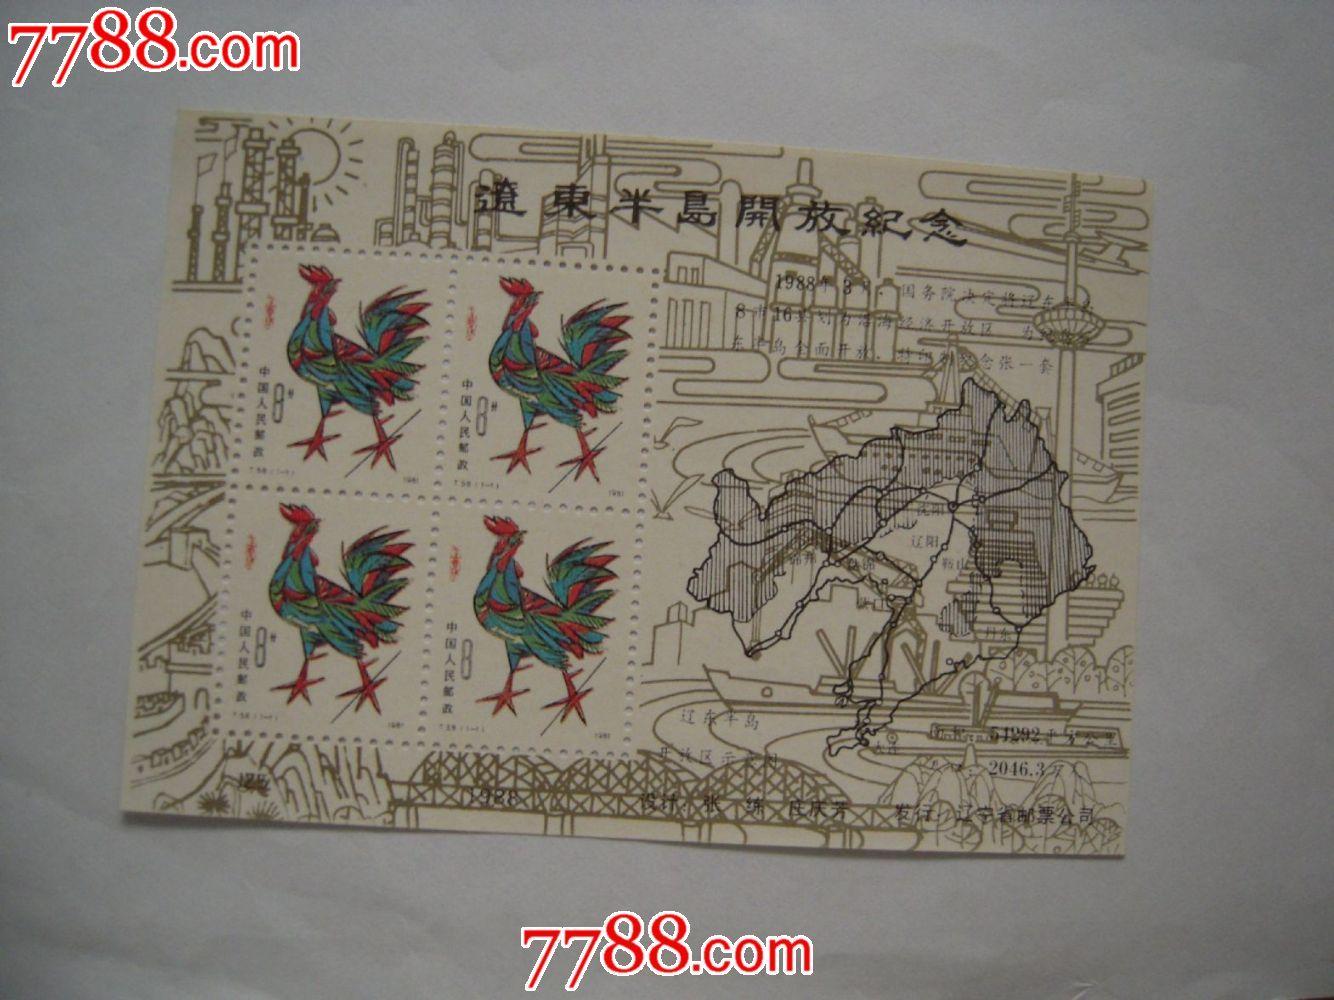 辽东半岛开放纪念----纪念张_价格5.